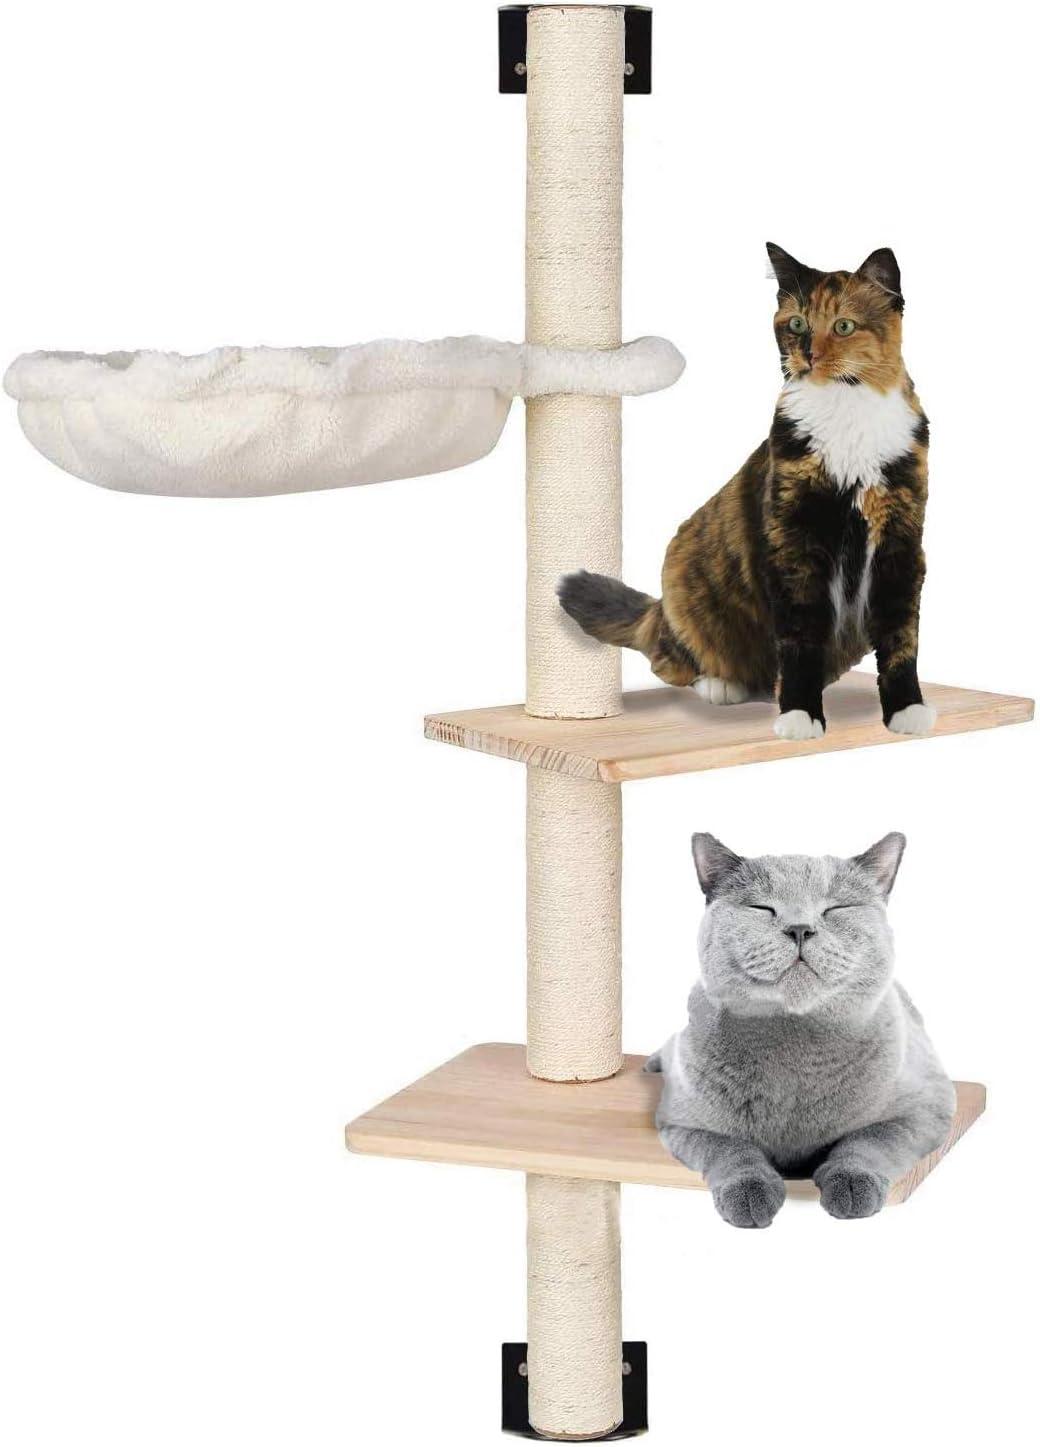 con escalones de Madera Maciza y Hamaca Sunny Seat MECOREX Estanter/ía para Gatos de Mecoex